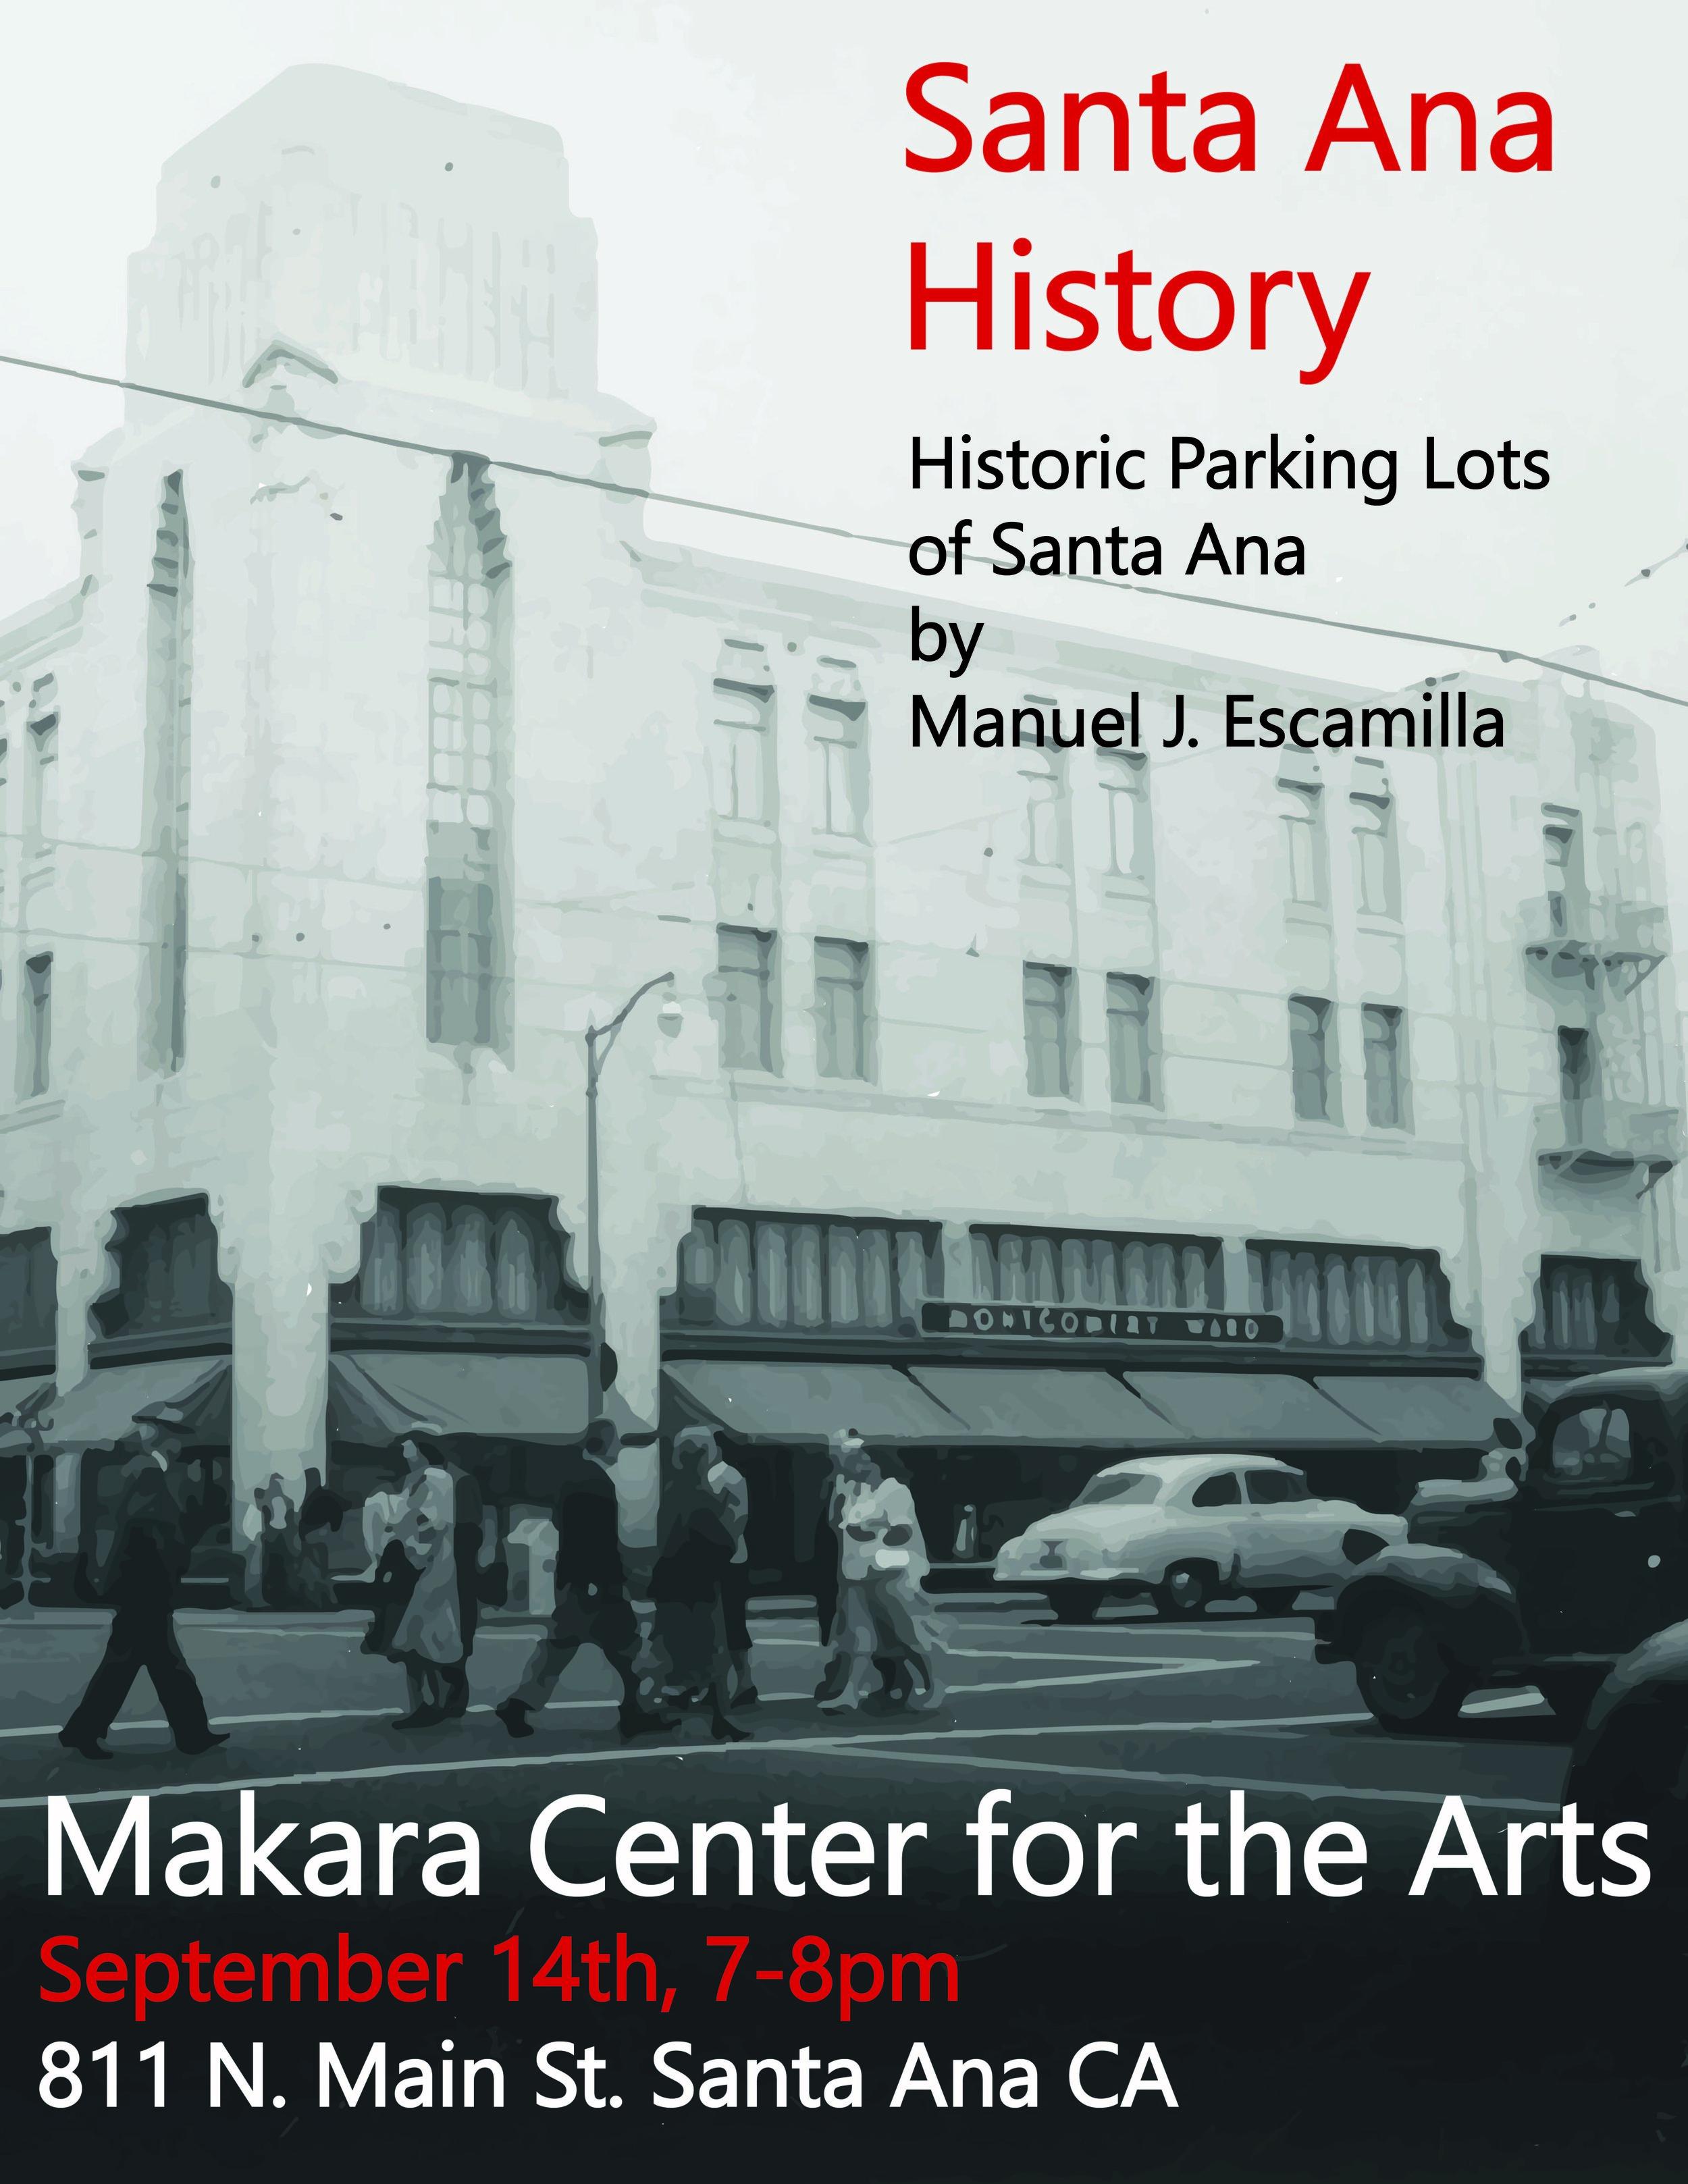 Makara_Santa Ana_History_Manny Escamilla